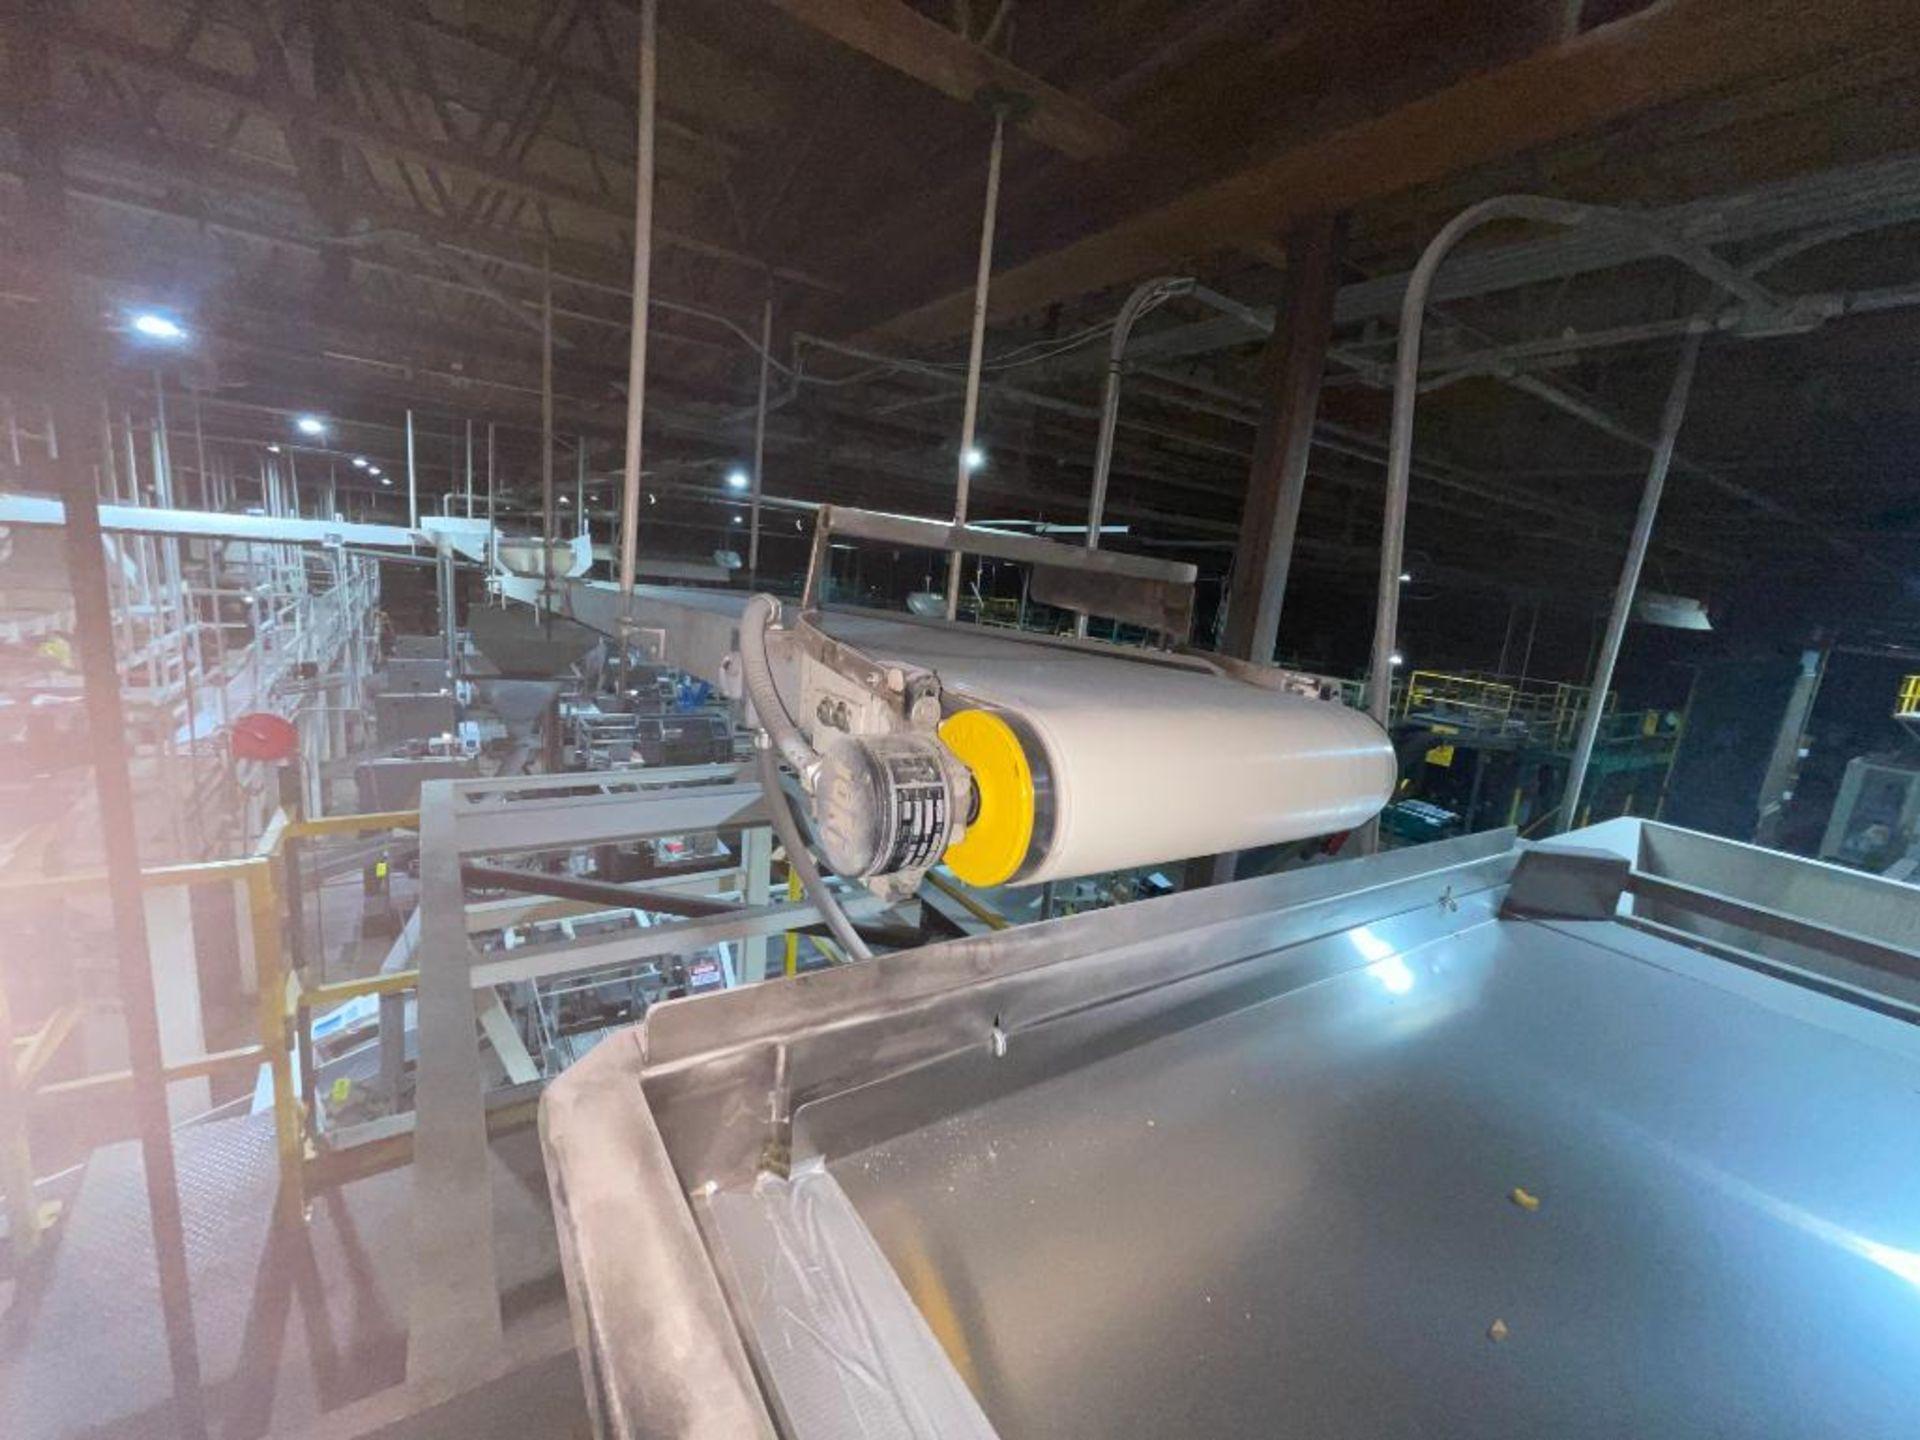 mild steel overhead belt conveyor - Image 10 of 10